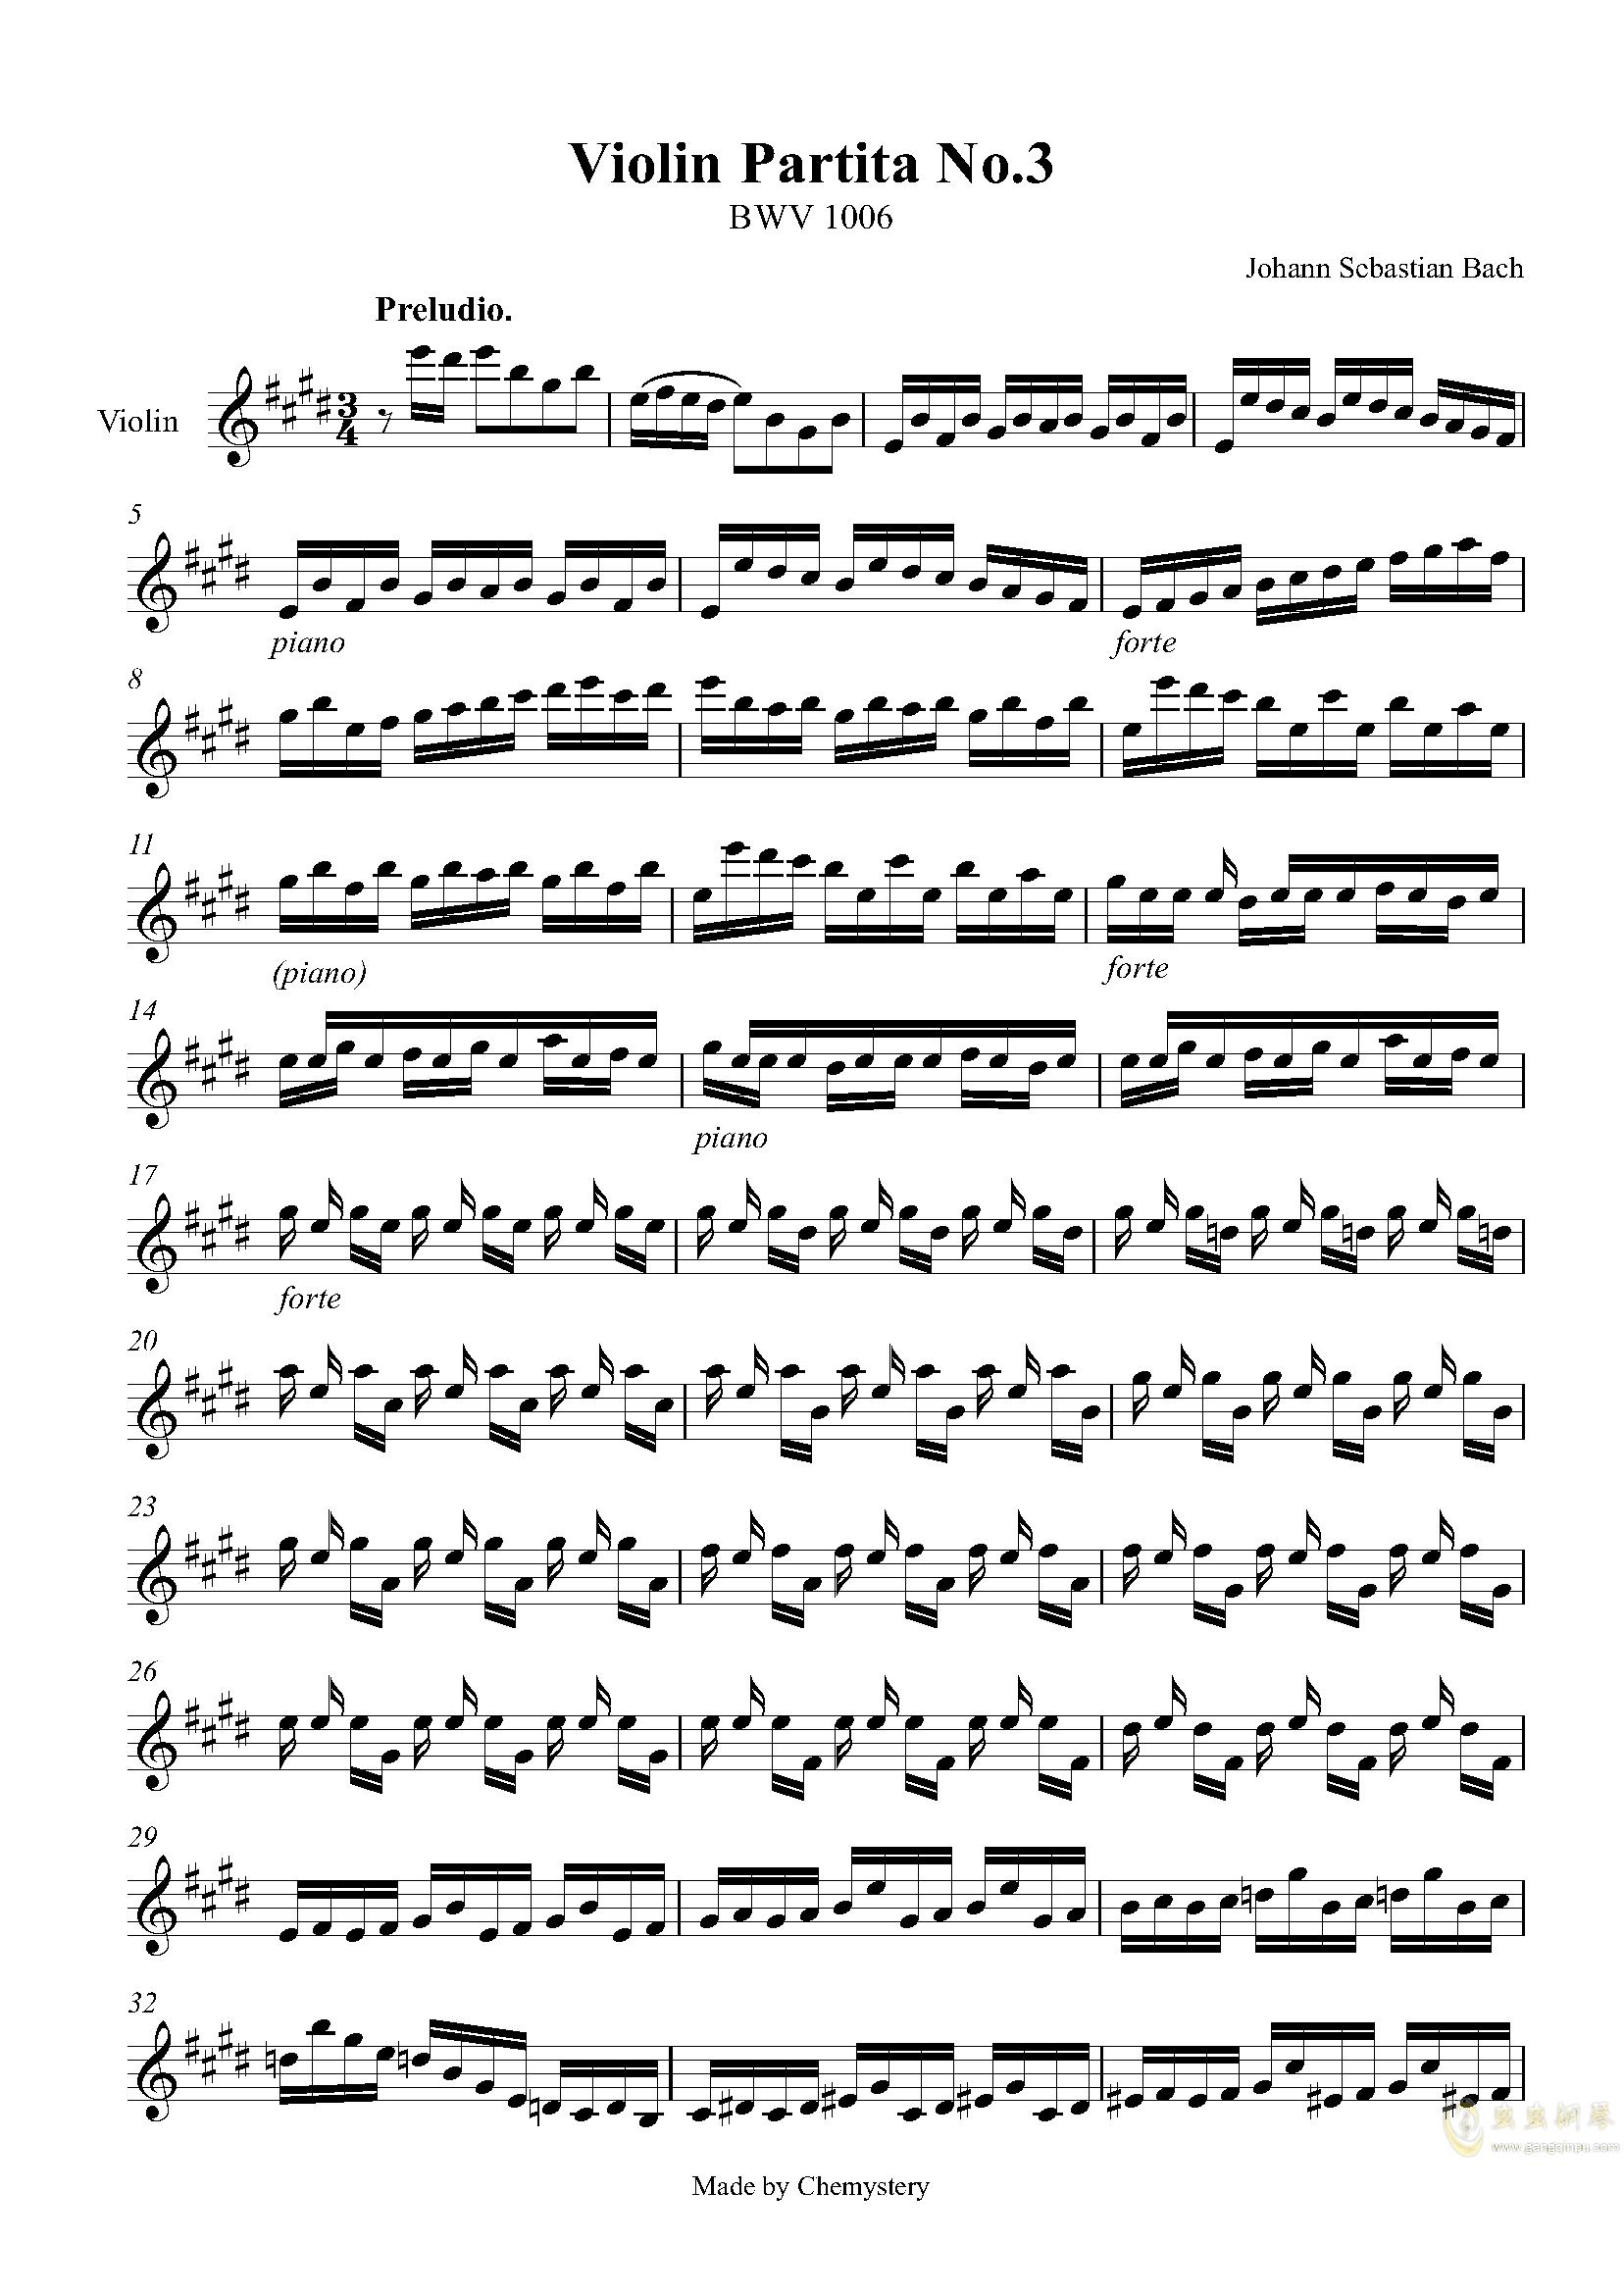 第3号无伴奏小提琴组曲-前奏曲钢琴谱 第1页